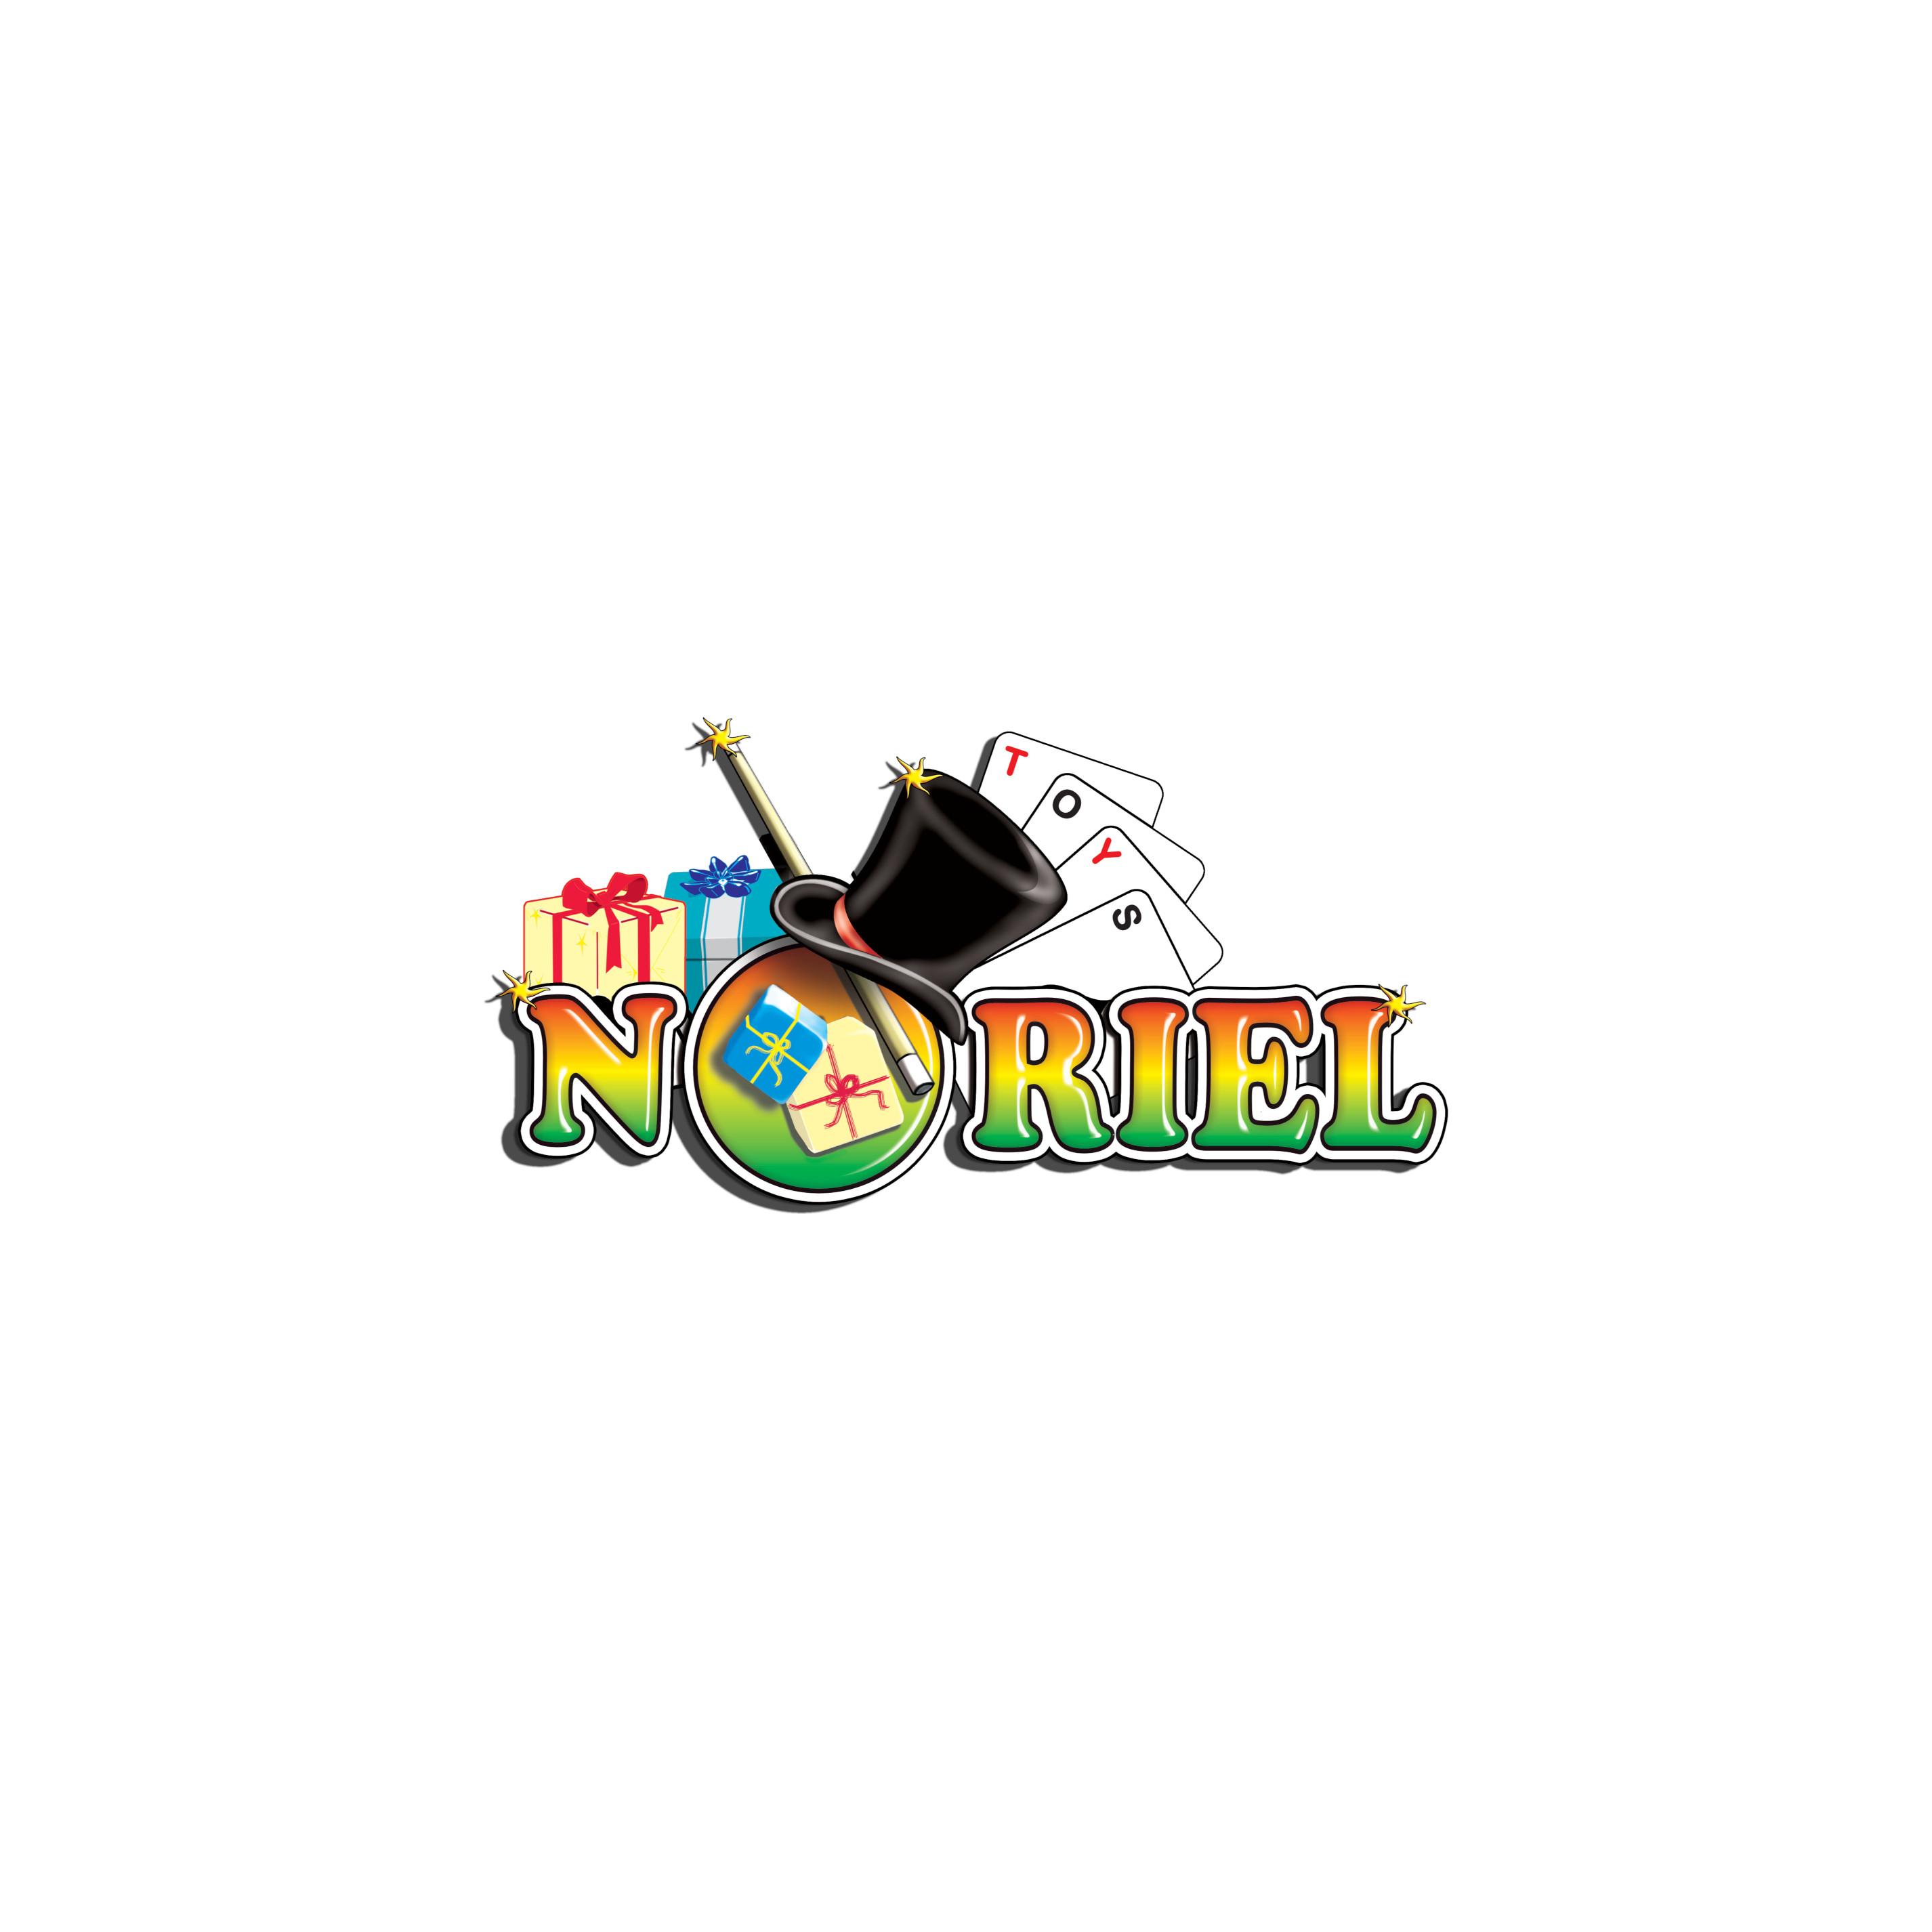 49974-4L - 49997-I Olivander Shop Set de joaca cu figurine Harry Potter, Olivander Shop